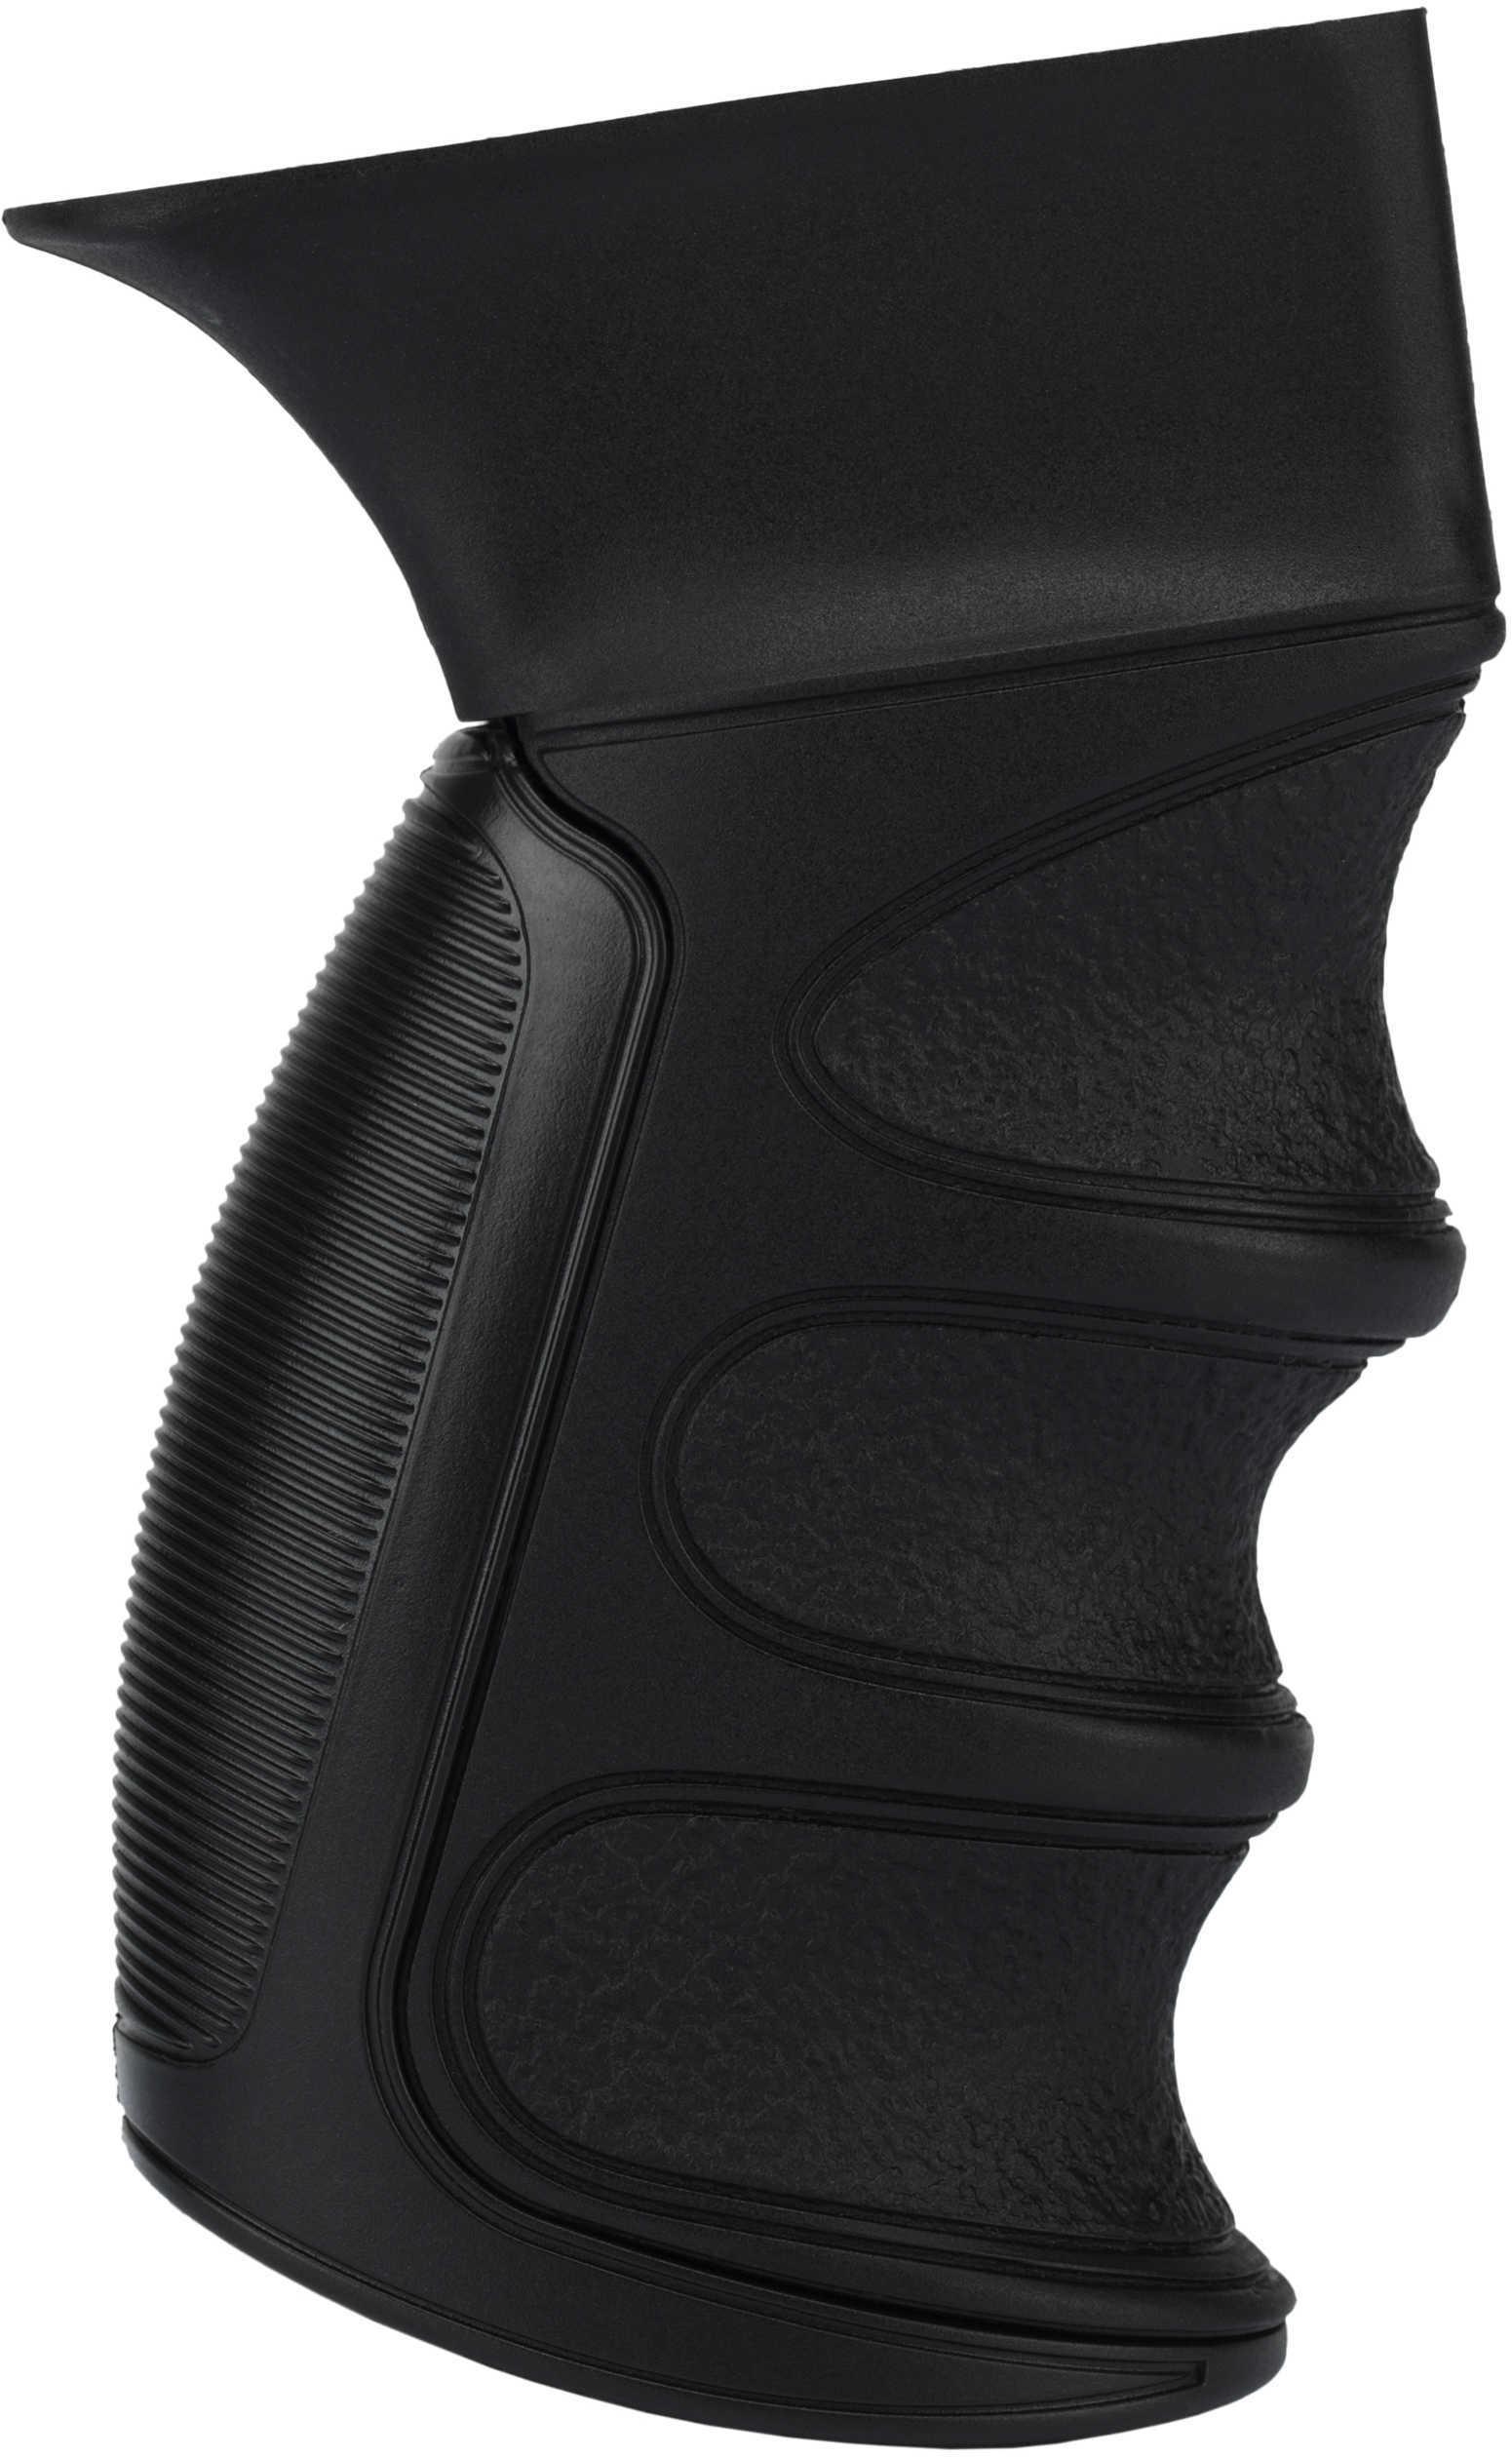 Advanced Technology Intl. ATI AK47 Scorpion Recoil Pistol Grip Black A.5.10.2346